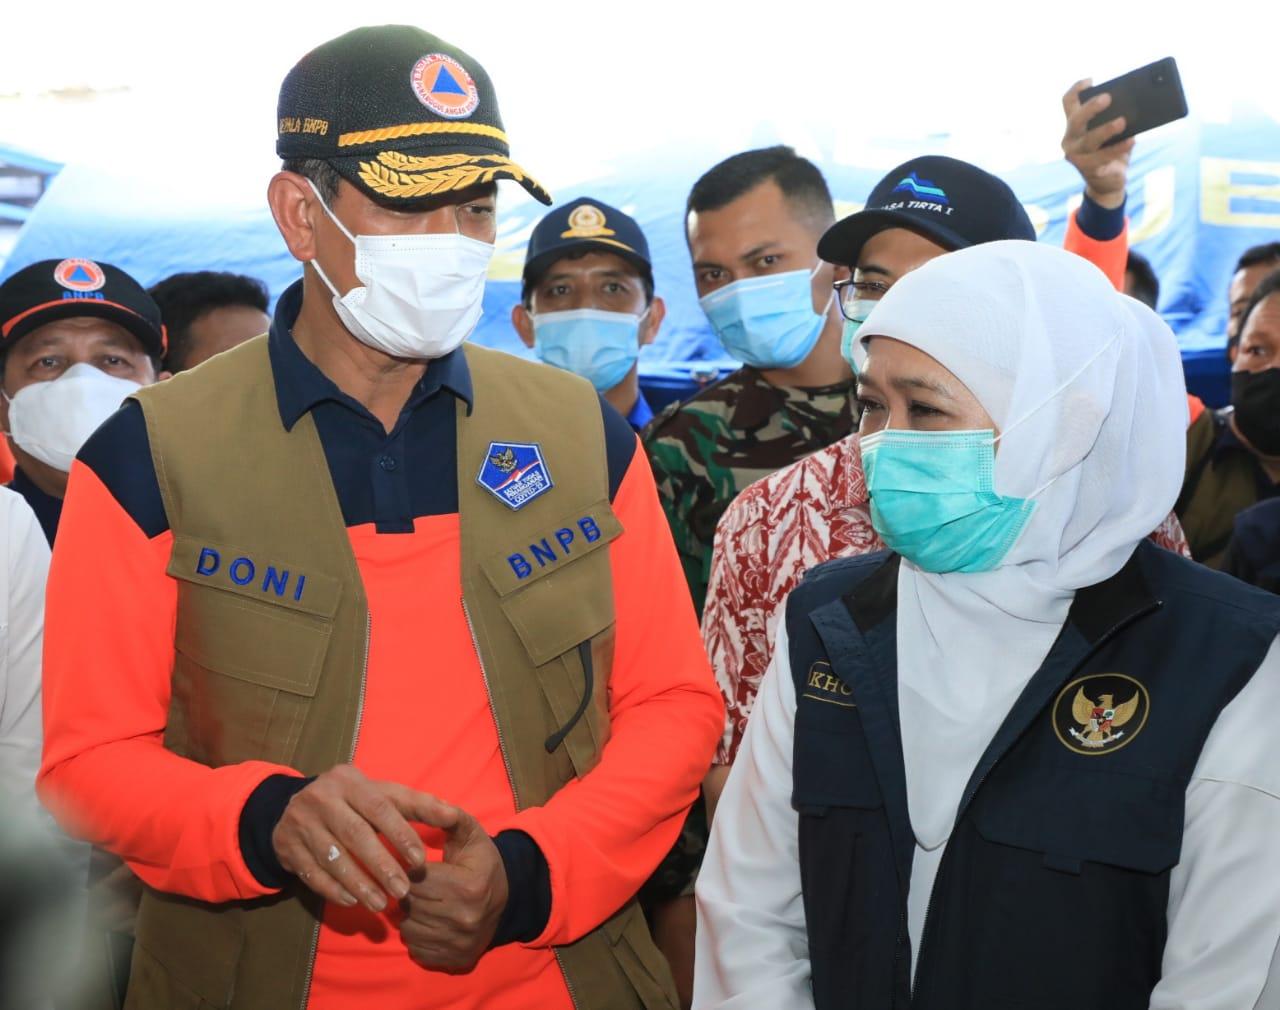 Gubernur Jatim, Khofifah Indar Parawansa saat berdialog denganKepala BNPB, Letjen Doni Moenardo saat berkunjung ke lokasi terdampak gempa. (Istimewa/ Pemprov Jatim)